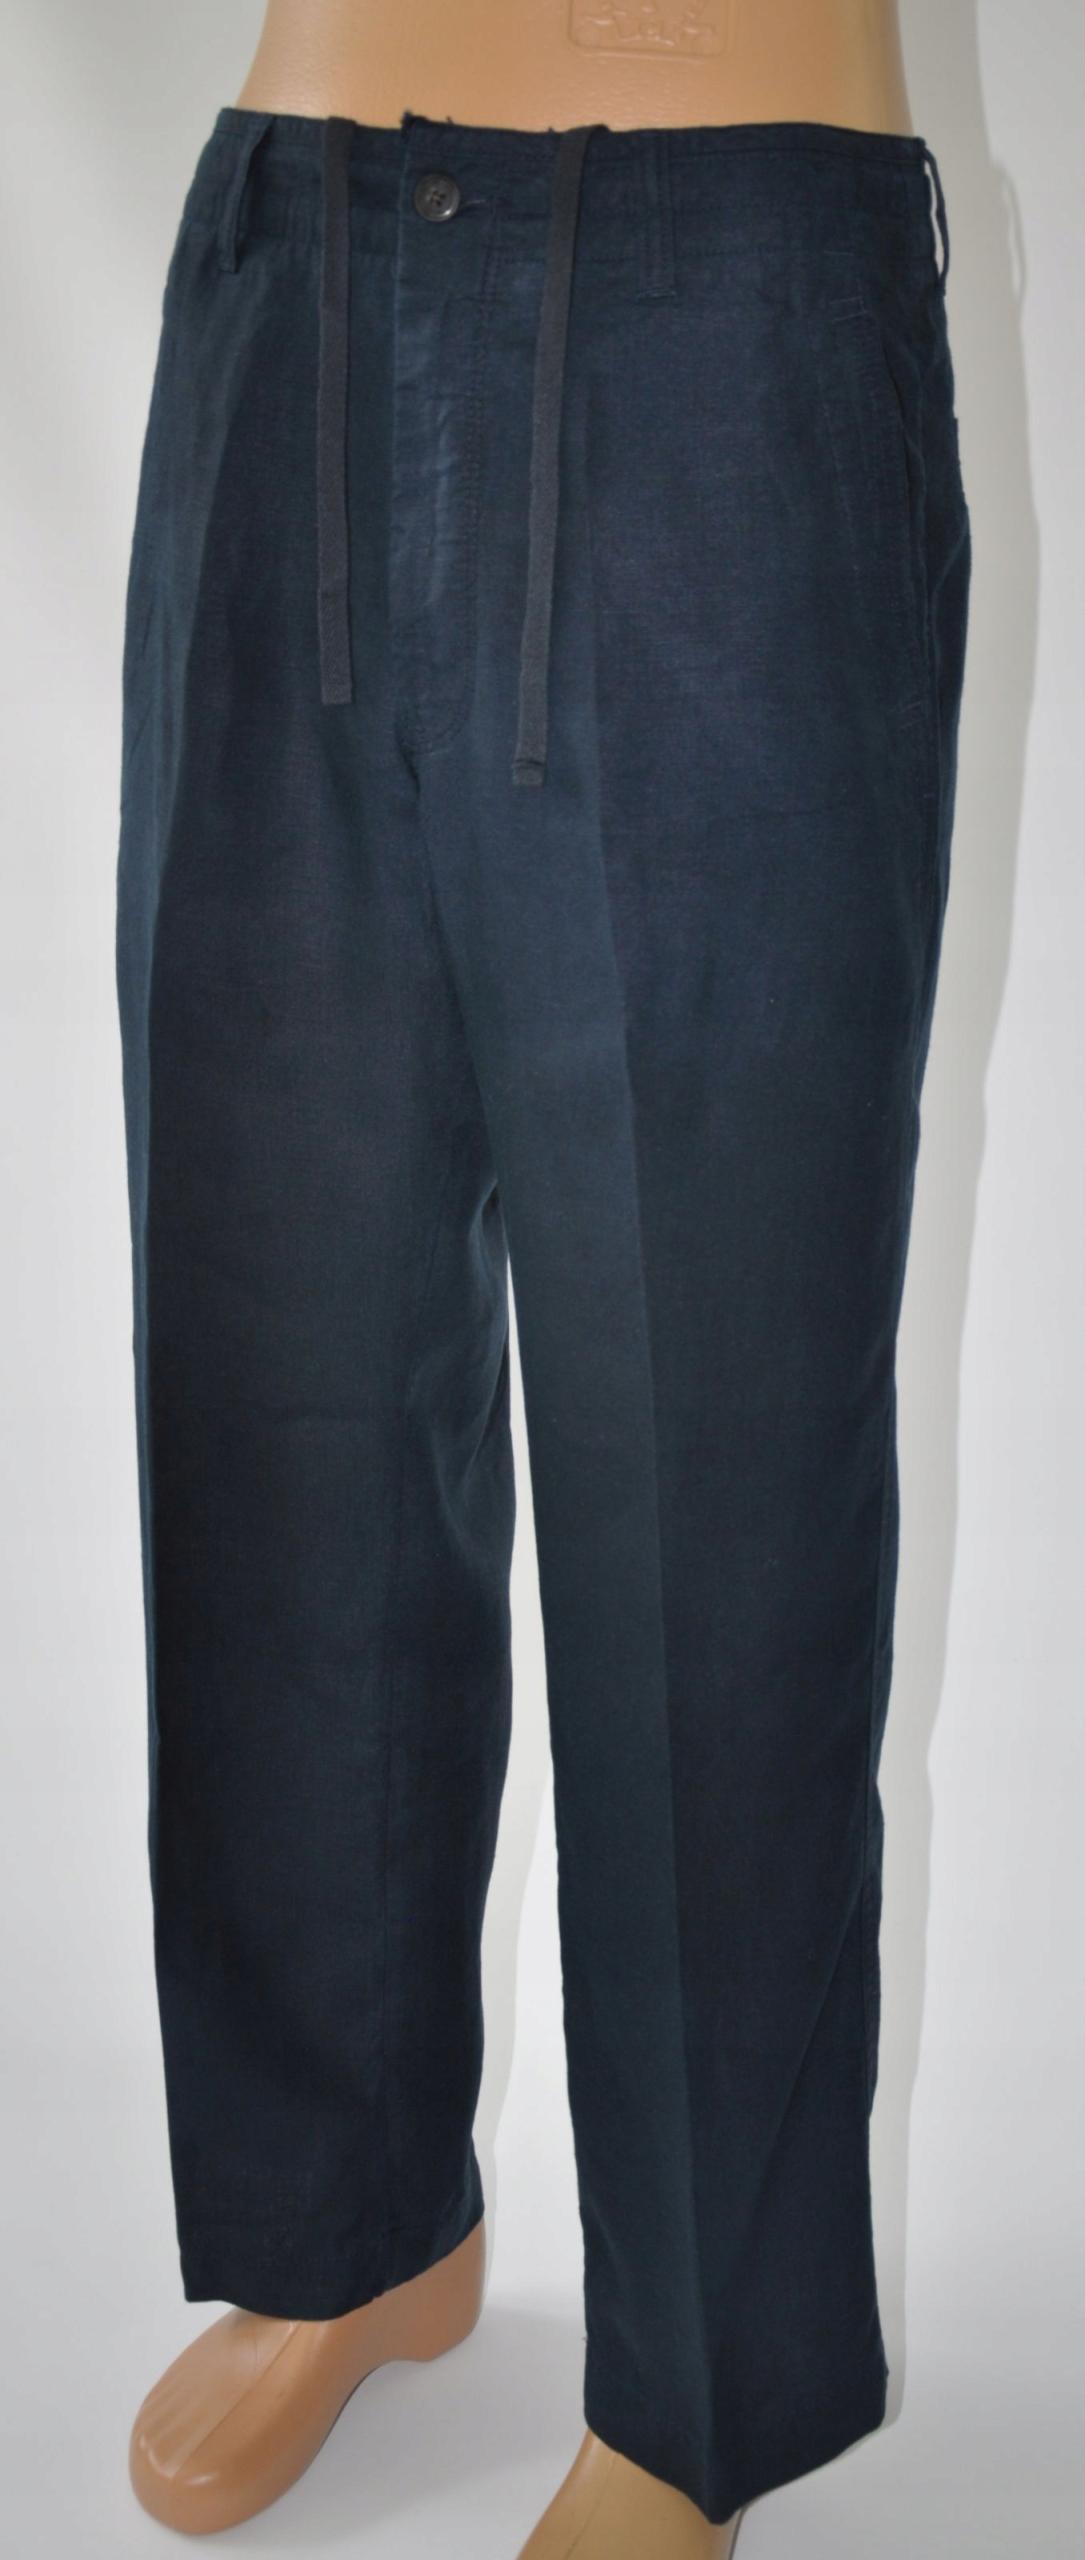 M&S spodnie lniane granatowe 32/29 pas 80 cm